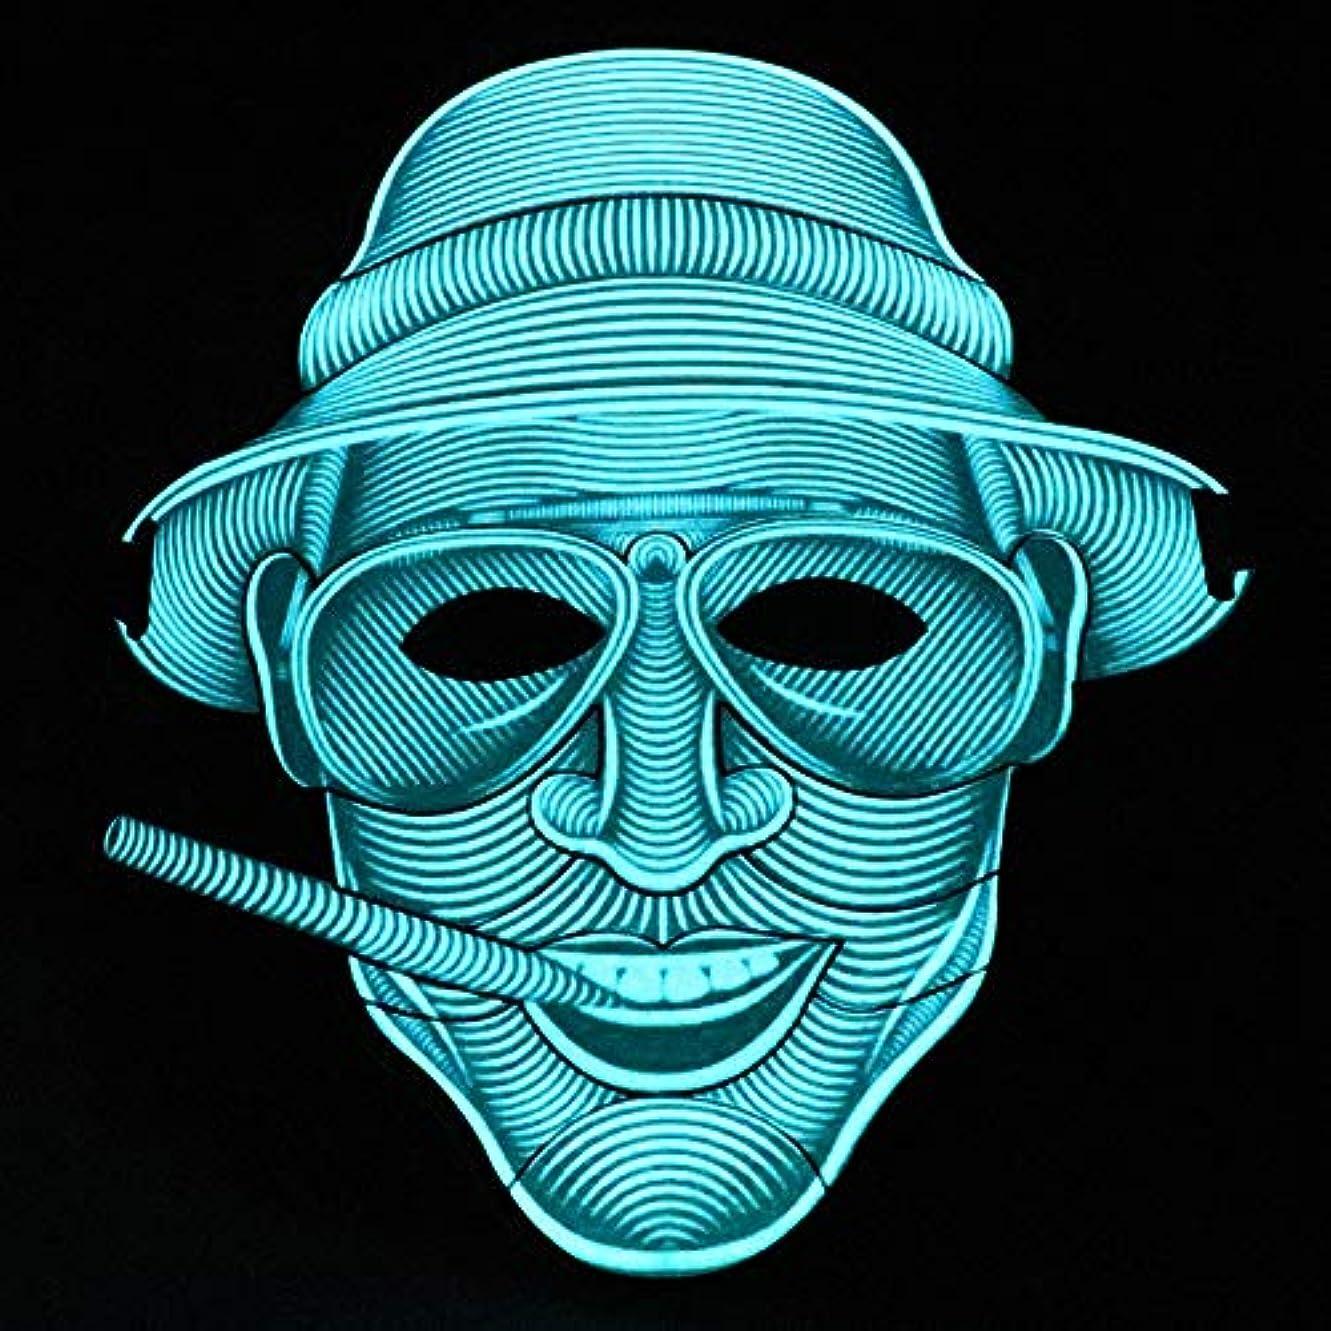 乳ラッチにもかかわらず照らされたマスクLED創造的な冷光音響制御マスクハロウィンバーフェスティバルダンスマスク (Color : #20)